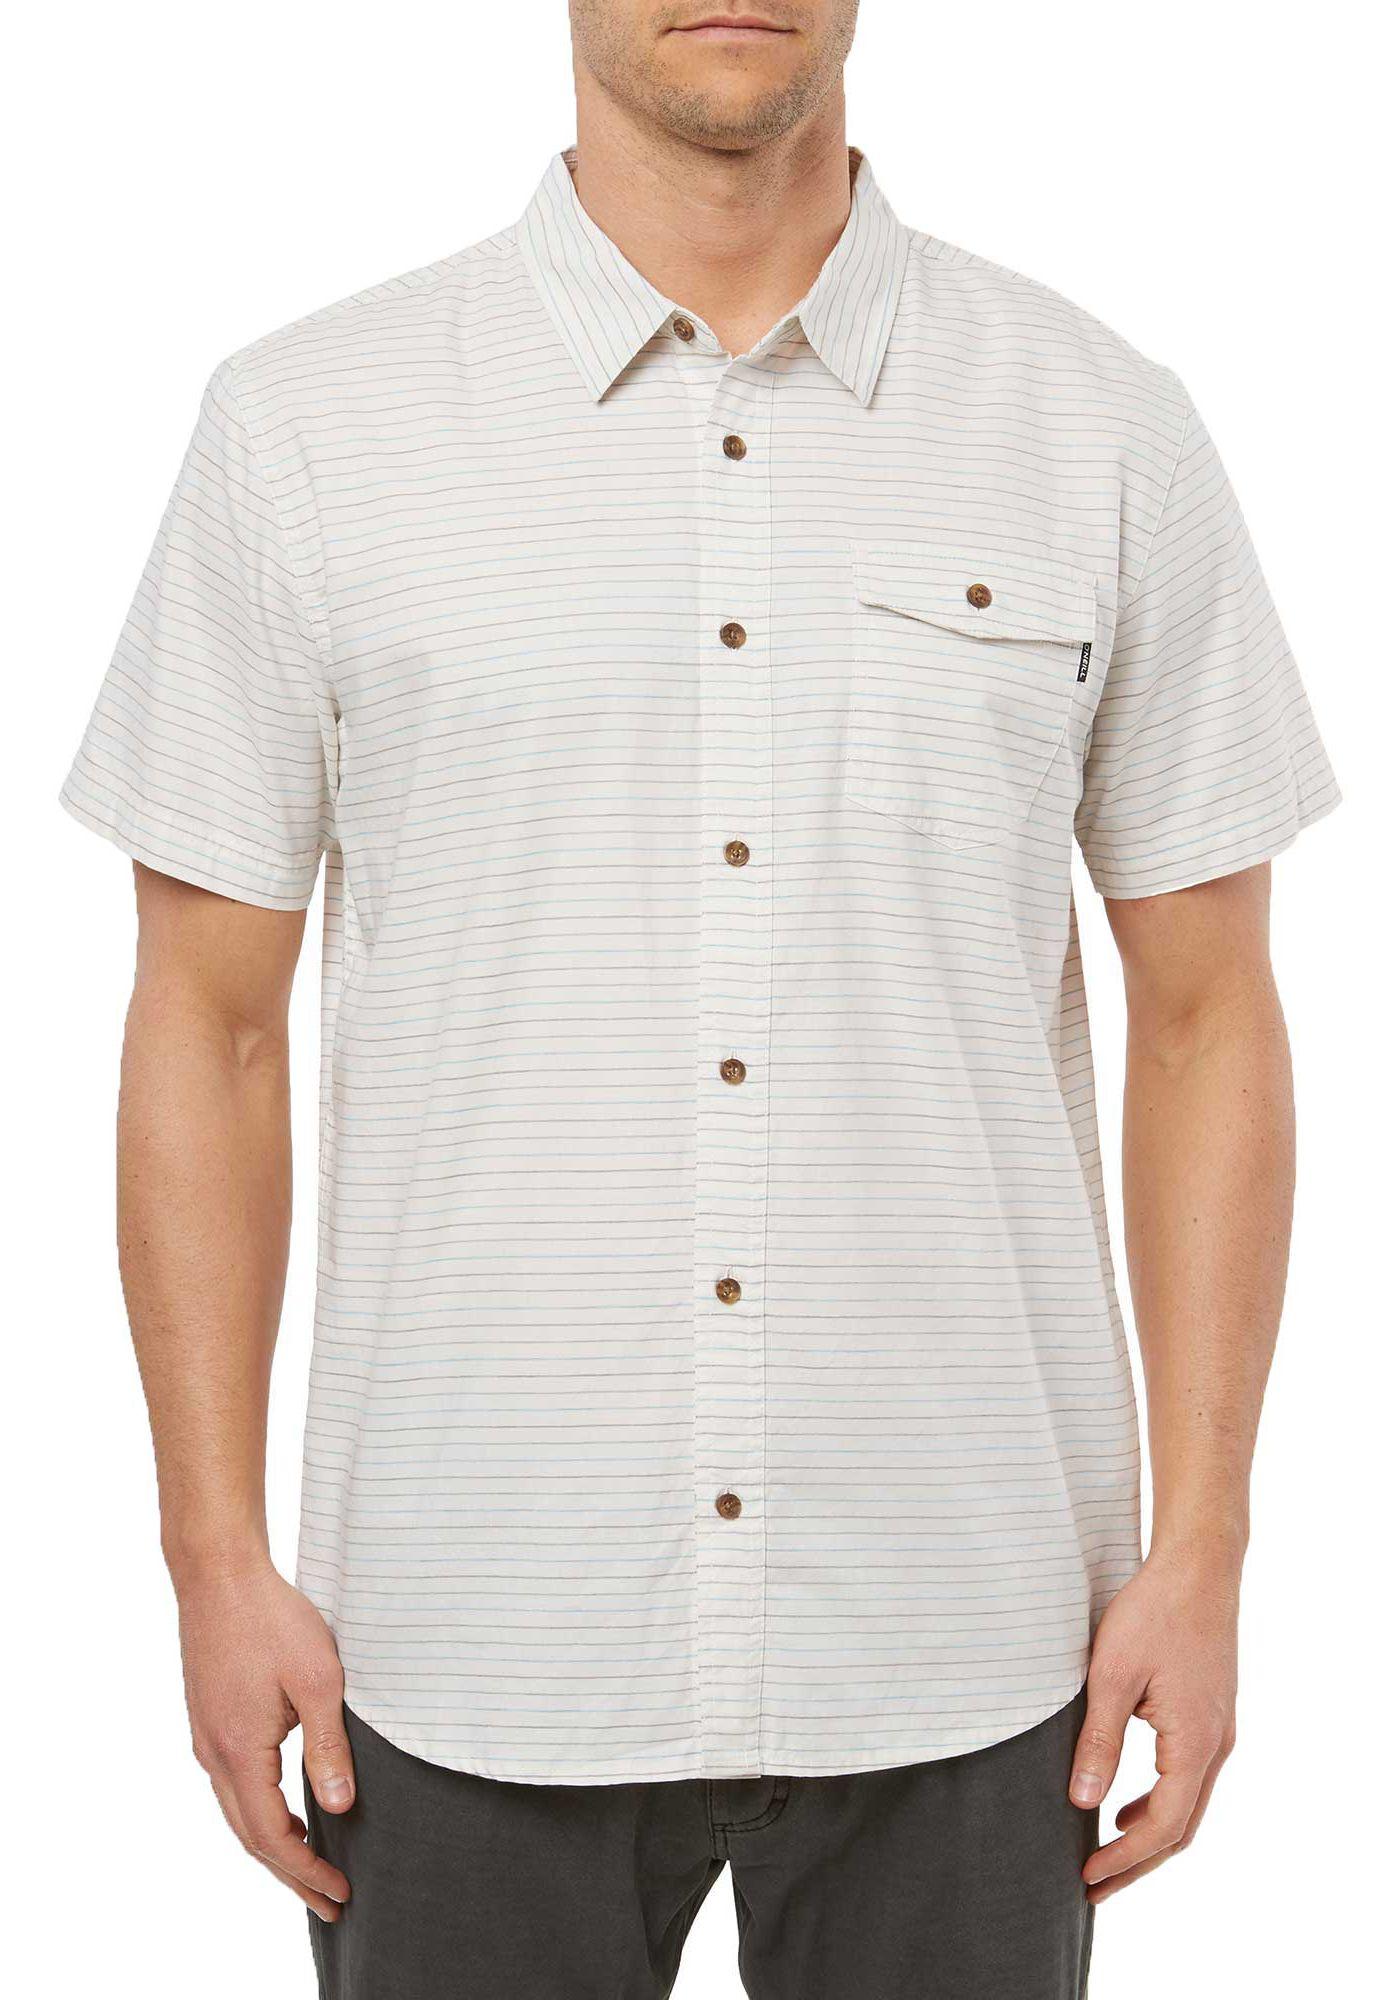 O'Neill Men's Ionic Woven Short Sleeve Button Down Shirt